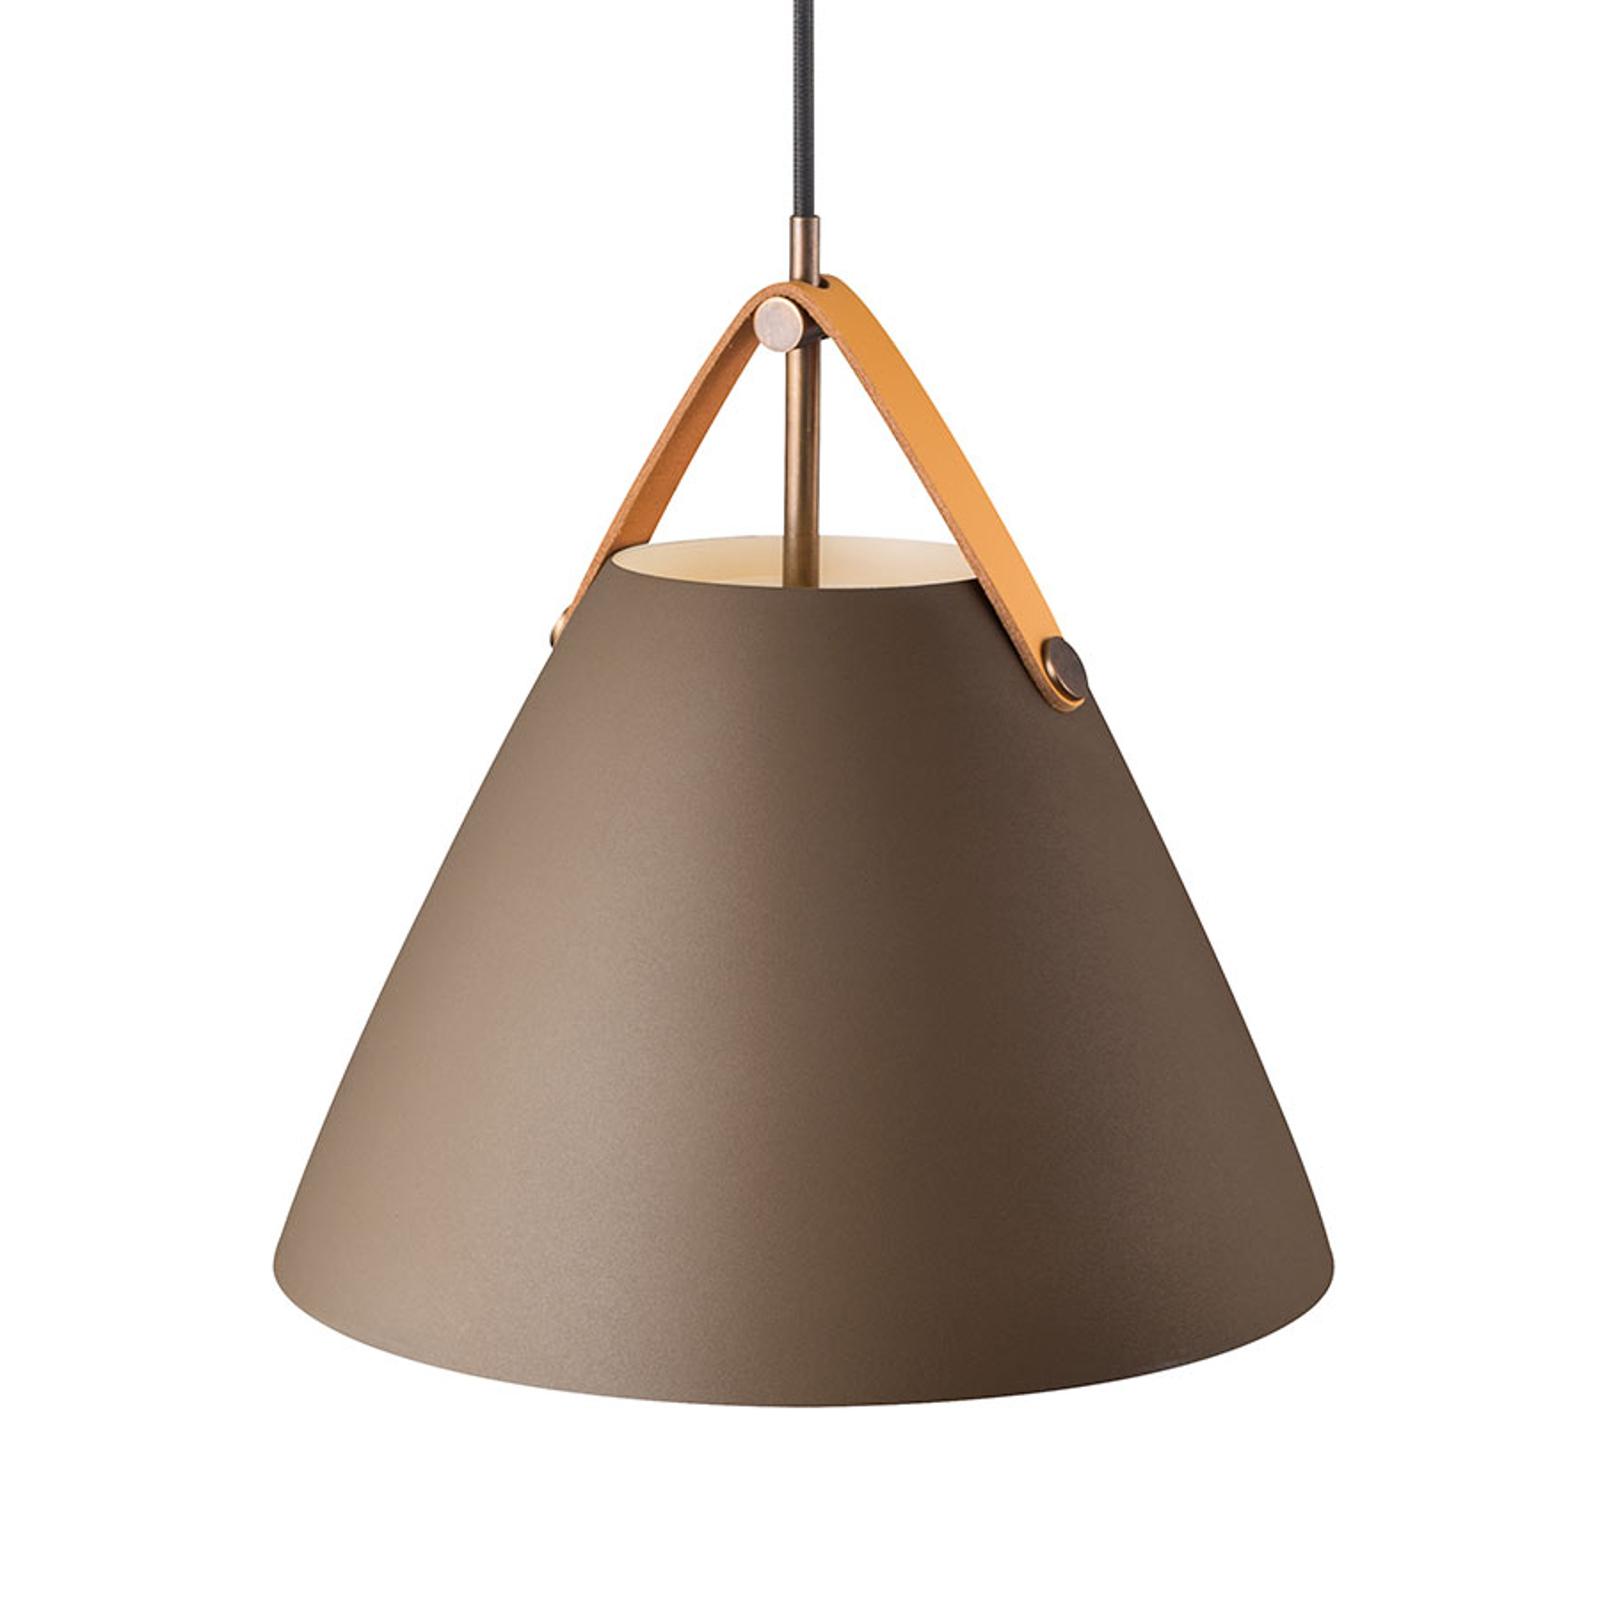 Hanglamp Strap met metalen kap beige, 27 cm